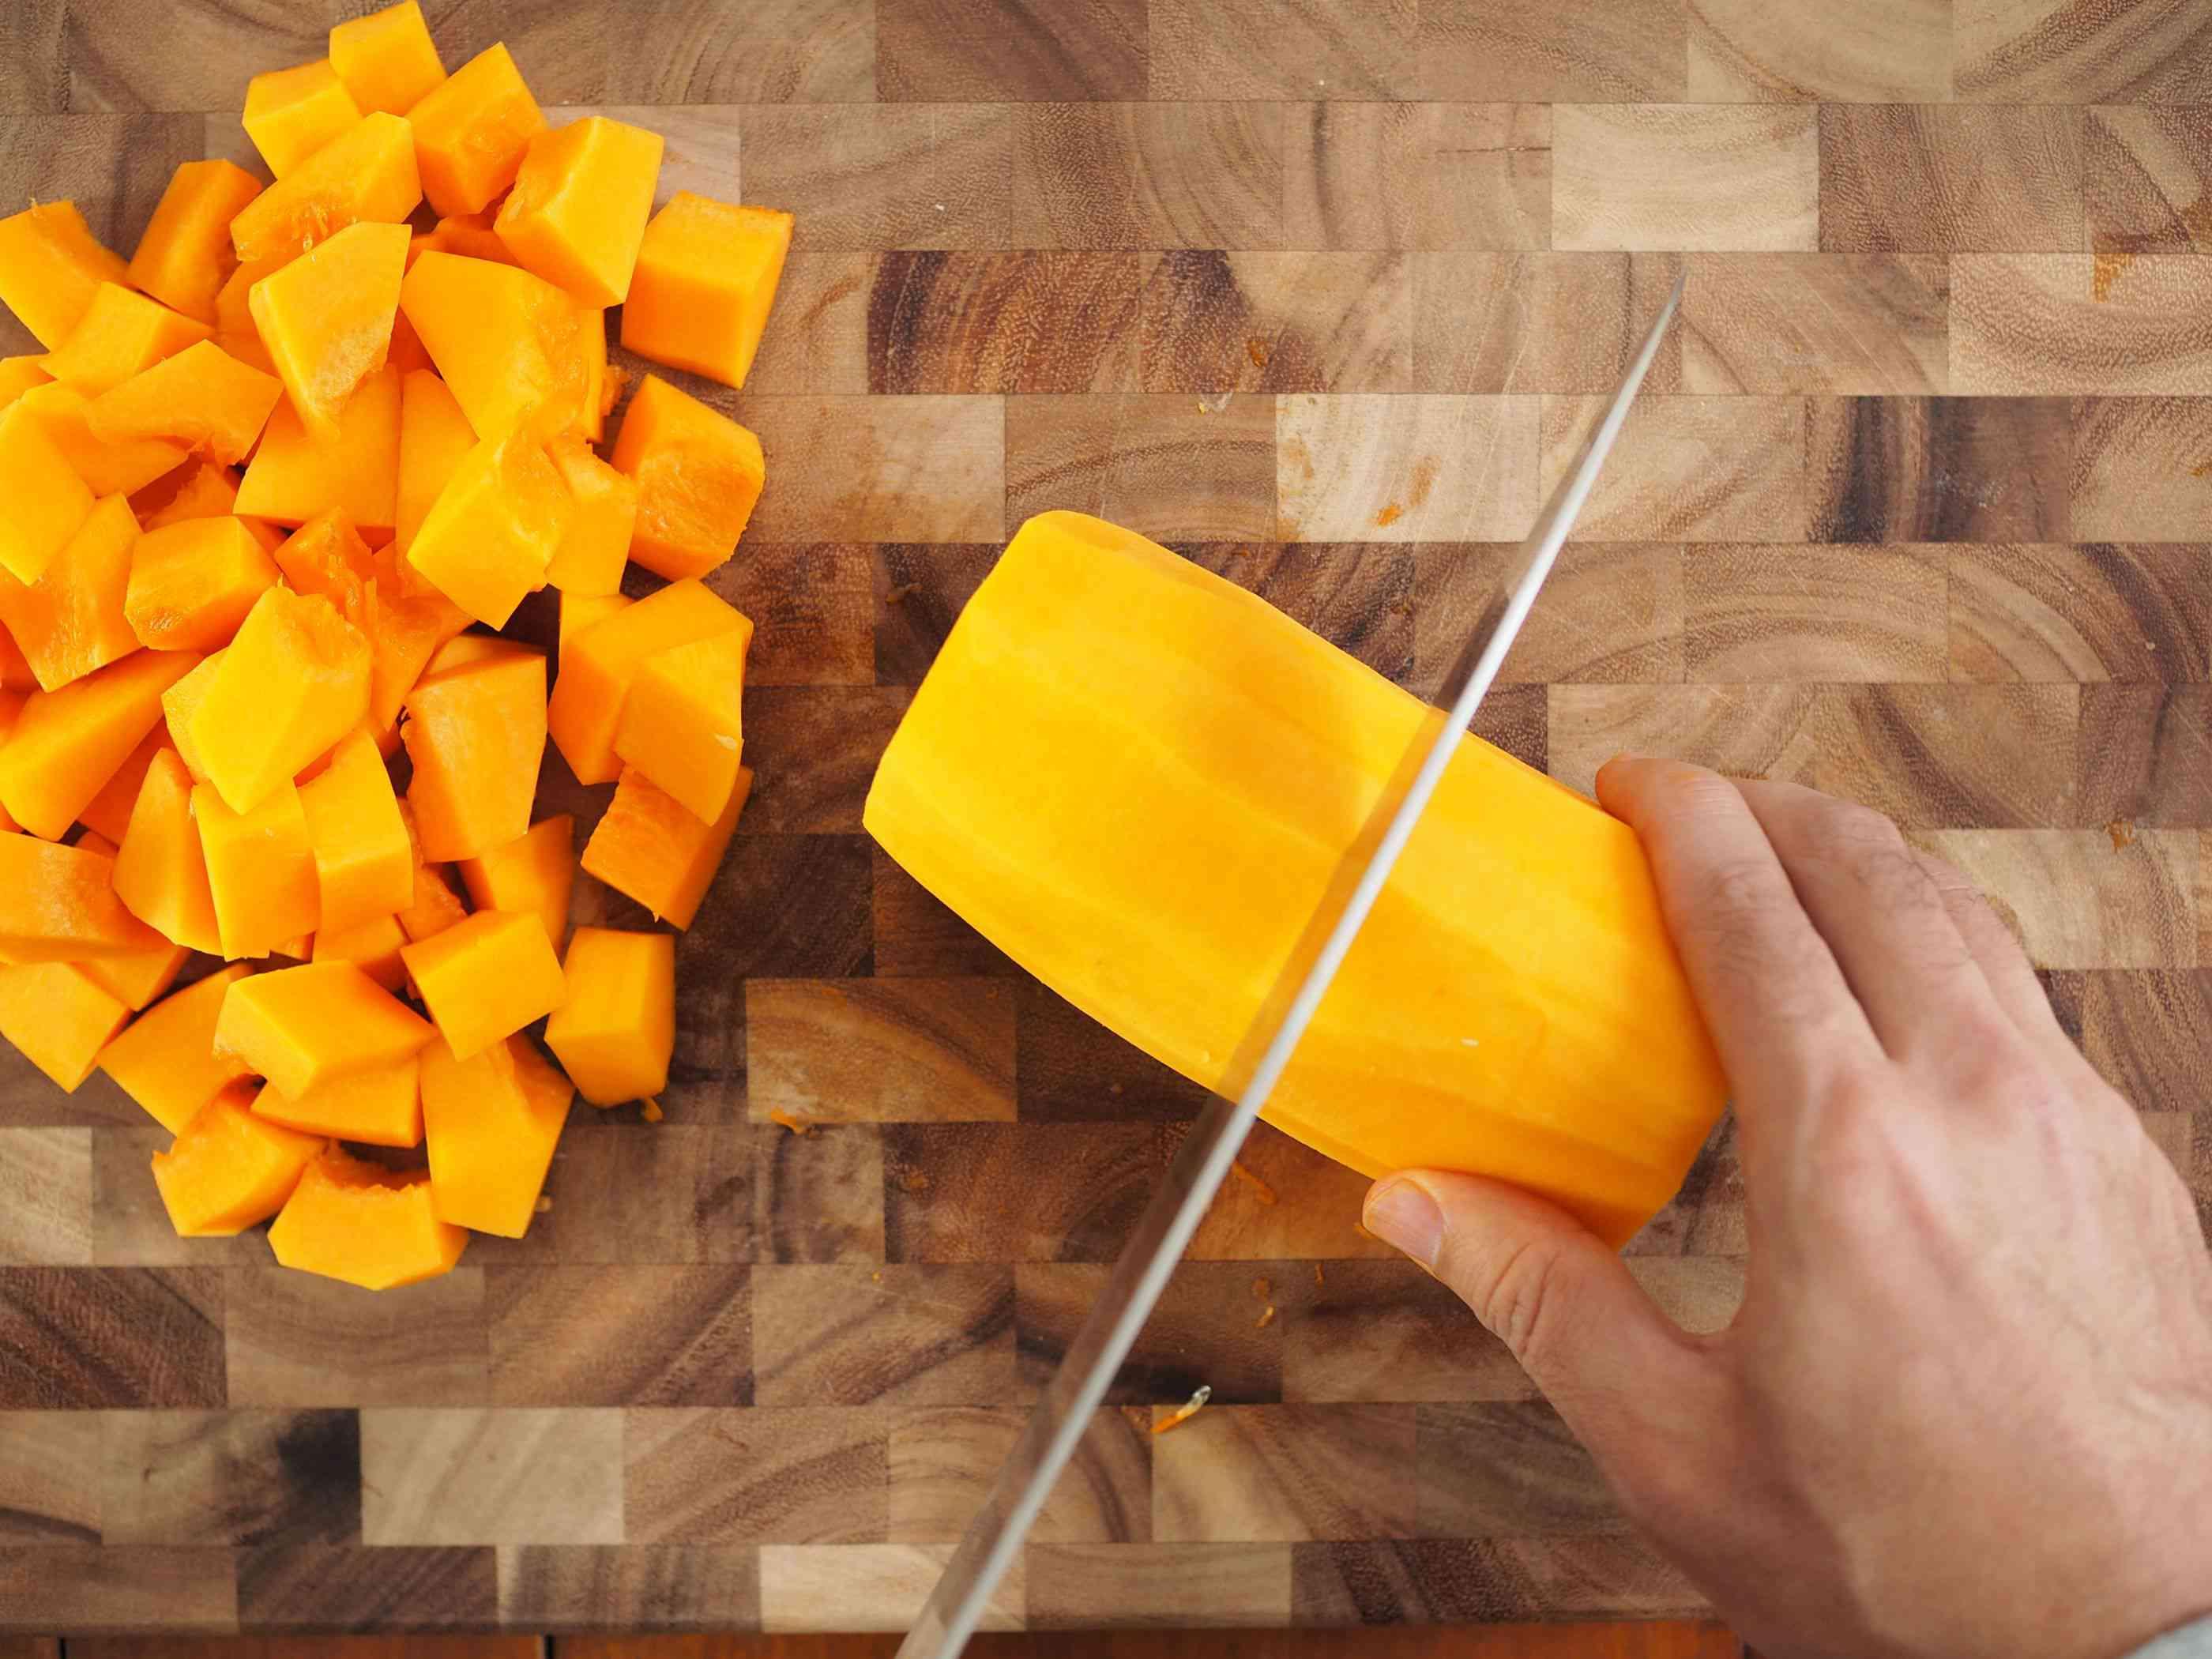 20141008-knife-skills-butternut-squash-daniel-gritzer21.jpg